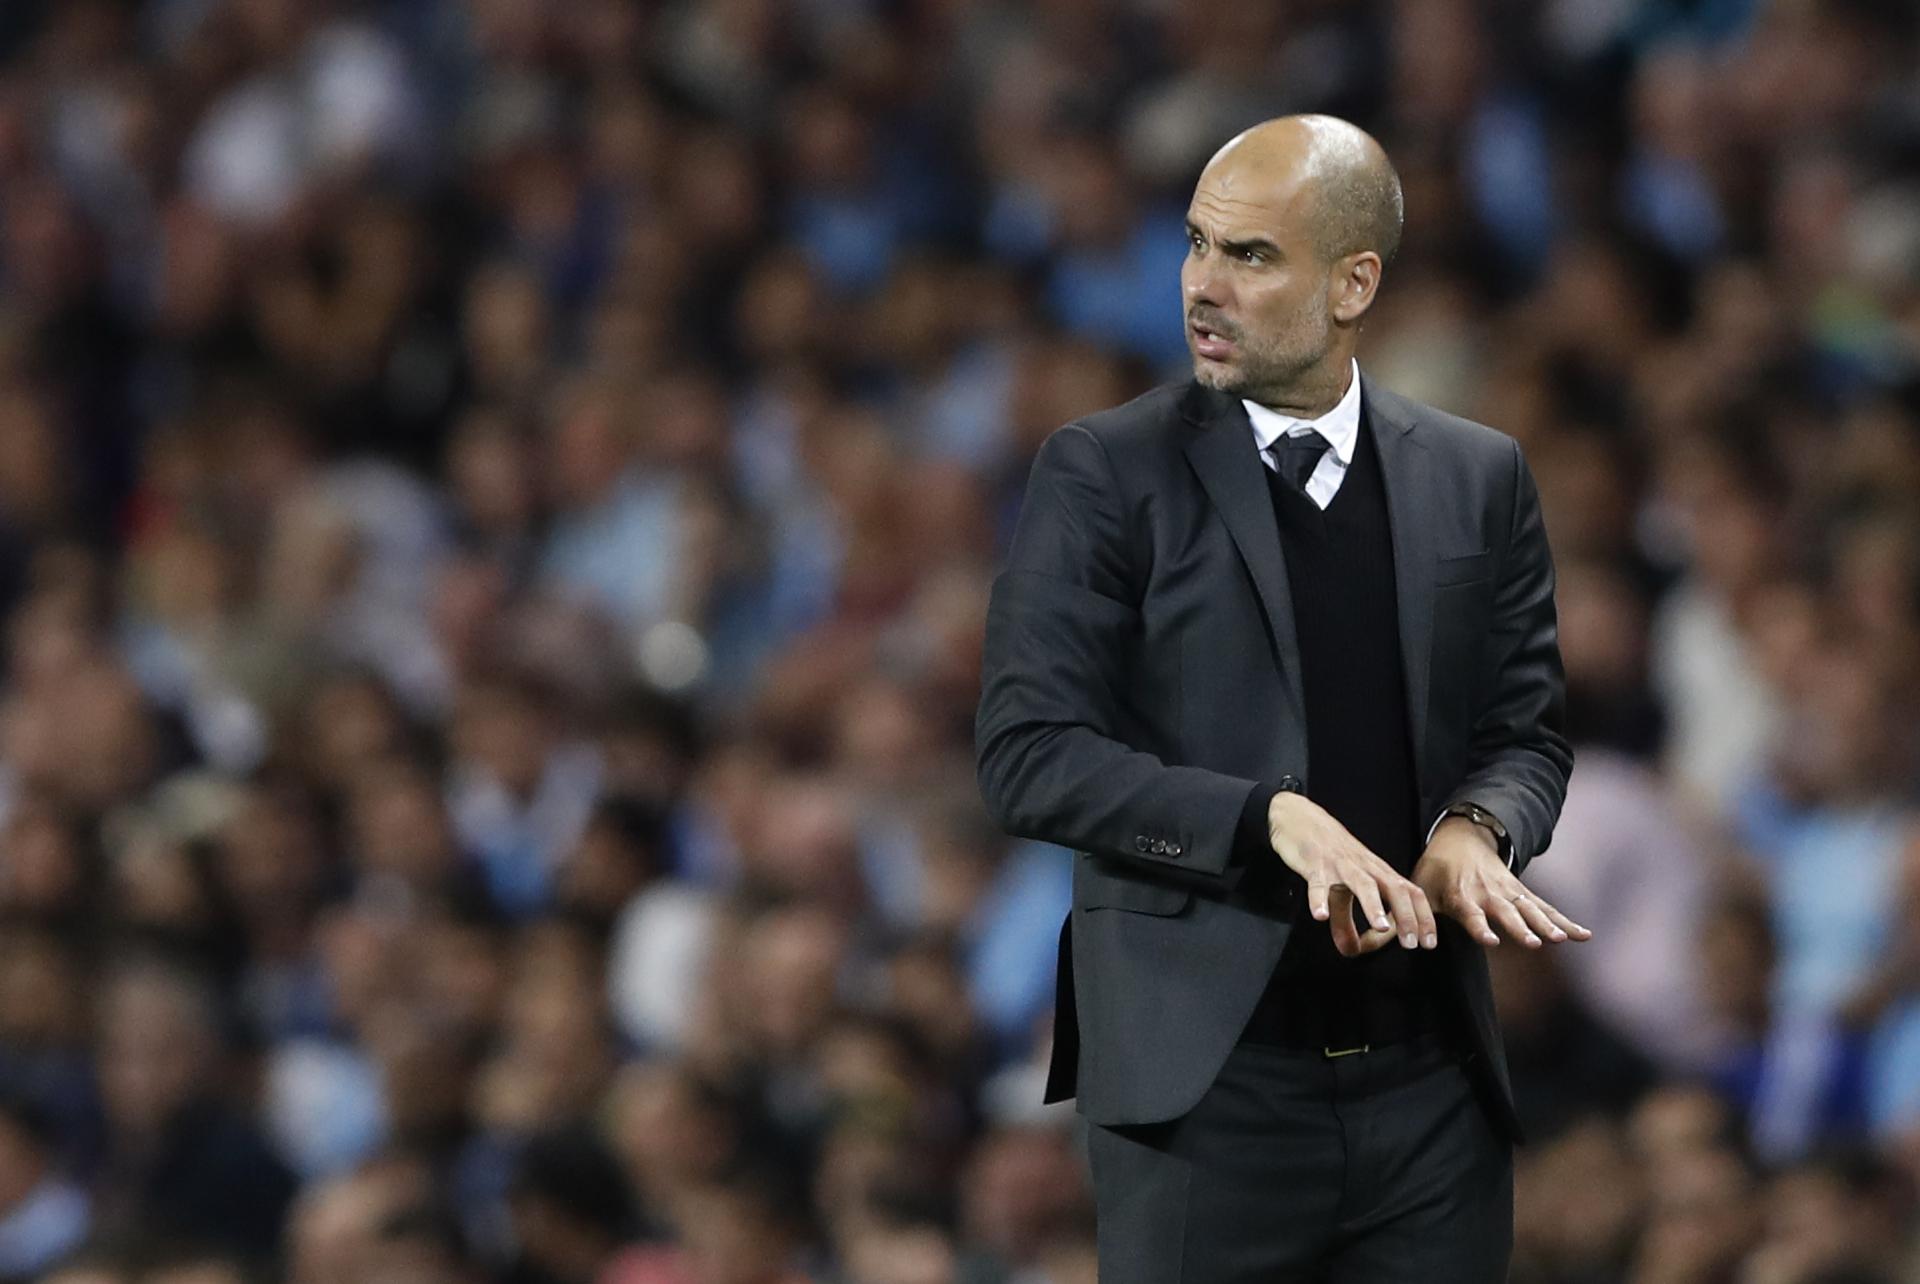 Anche Guardiola ha bisogno di tempo per cambiare il Manchester City